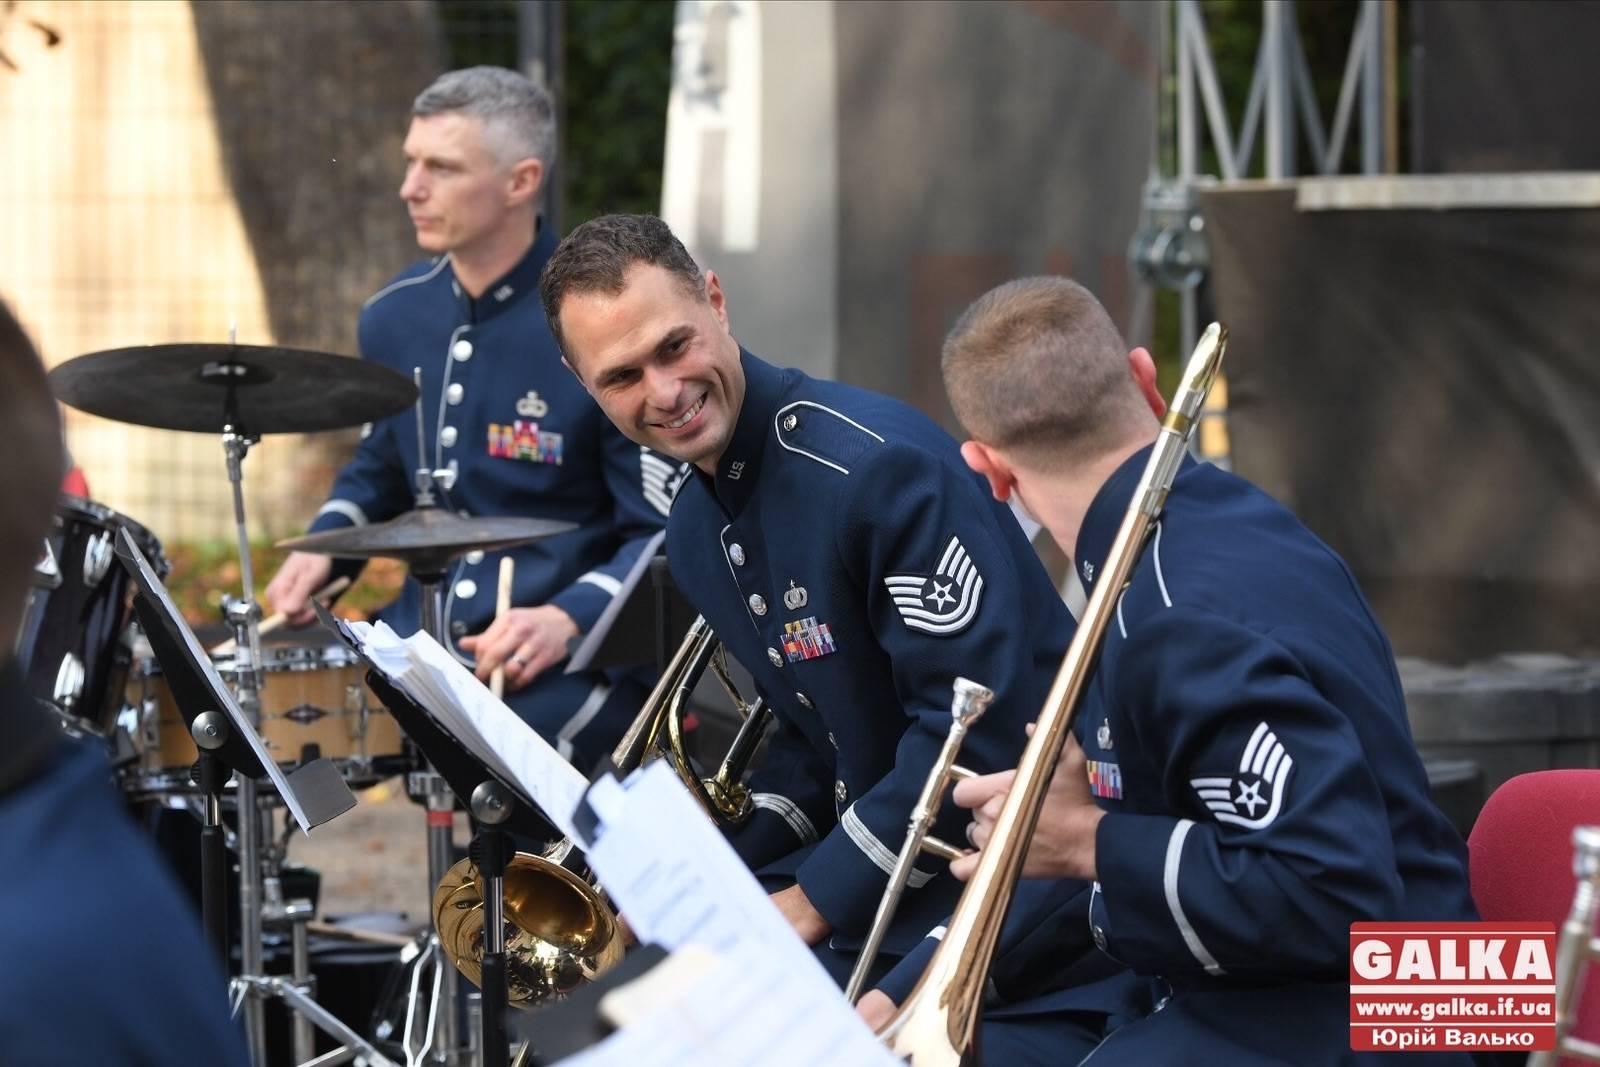 До міста завітали музичні посли зі США – влаштували репетицію для юних франківців (ФОТО, ВІДЕО)